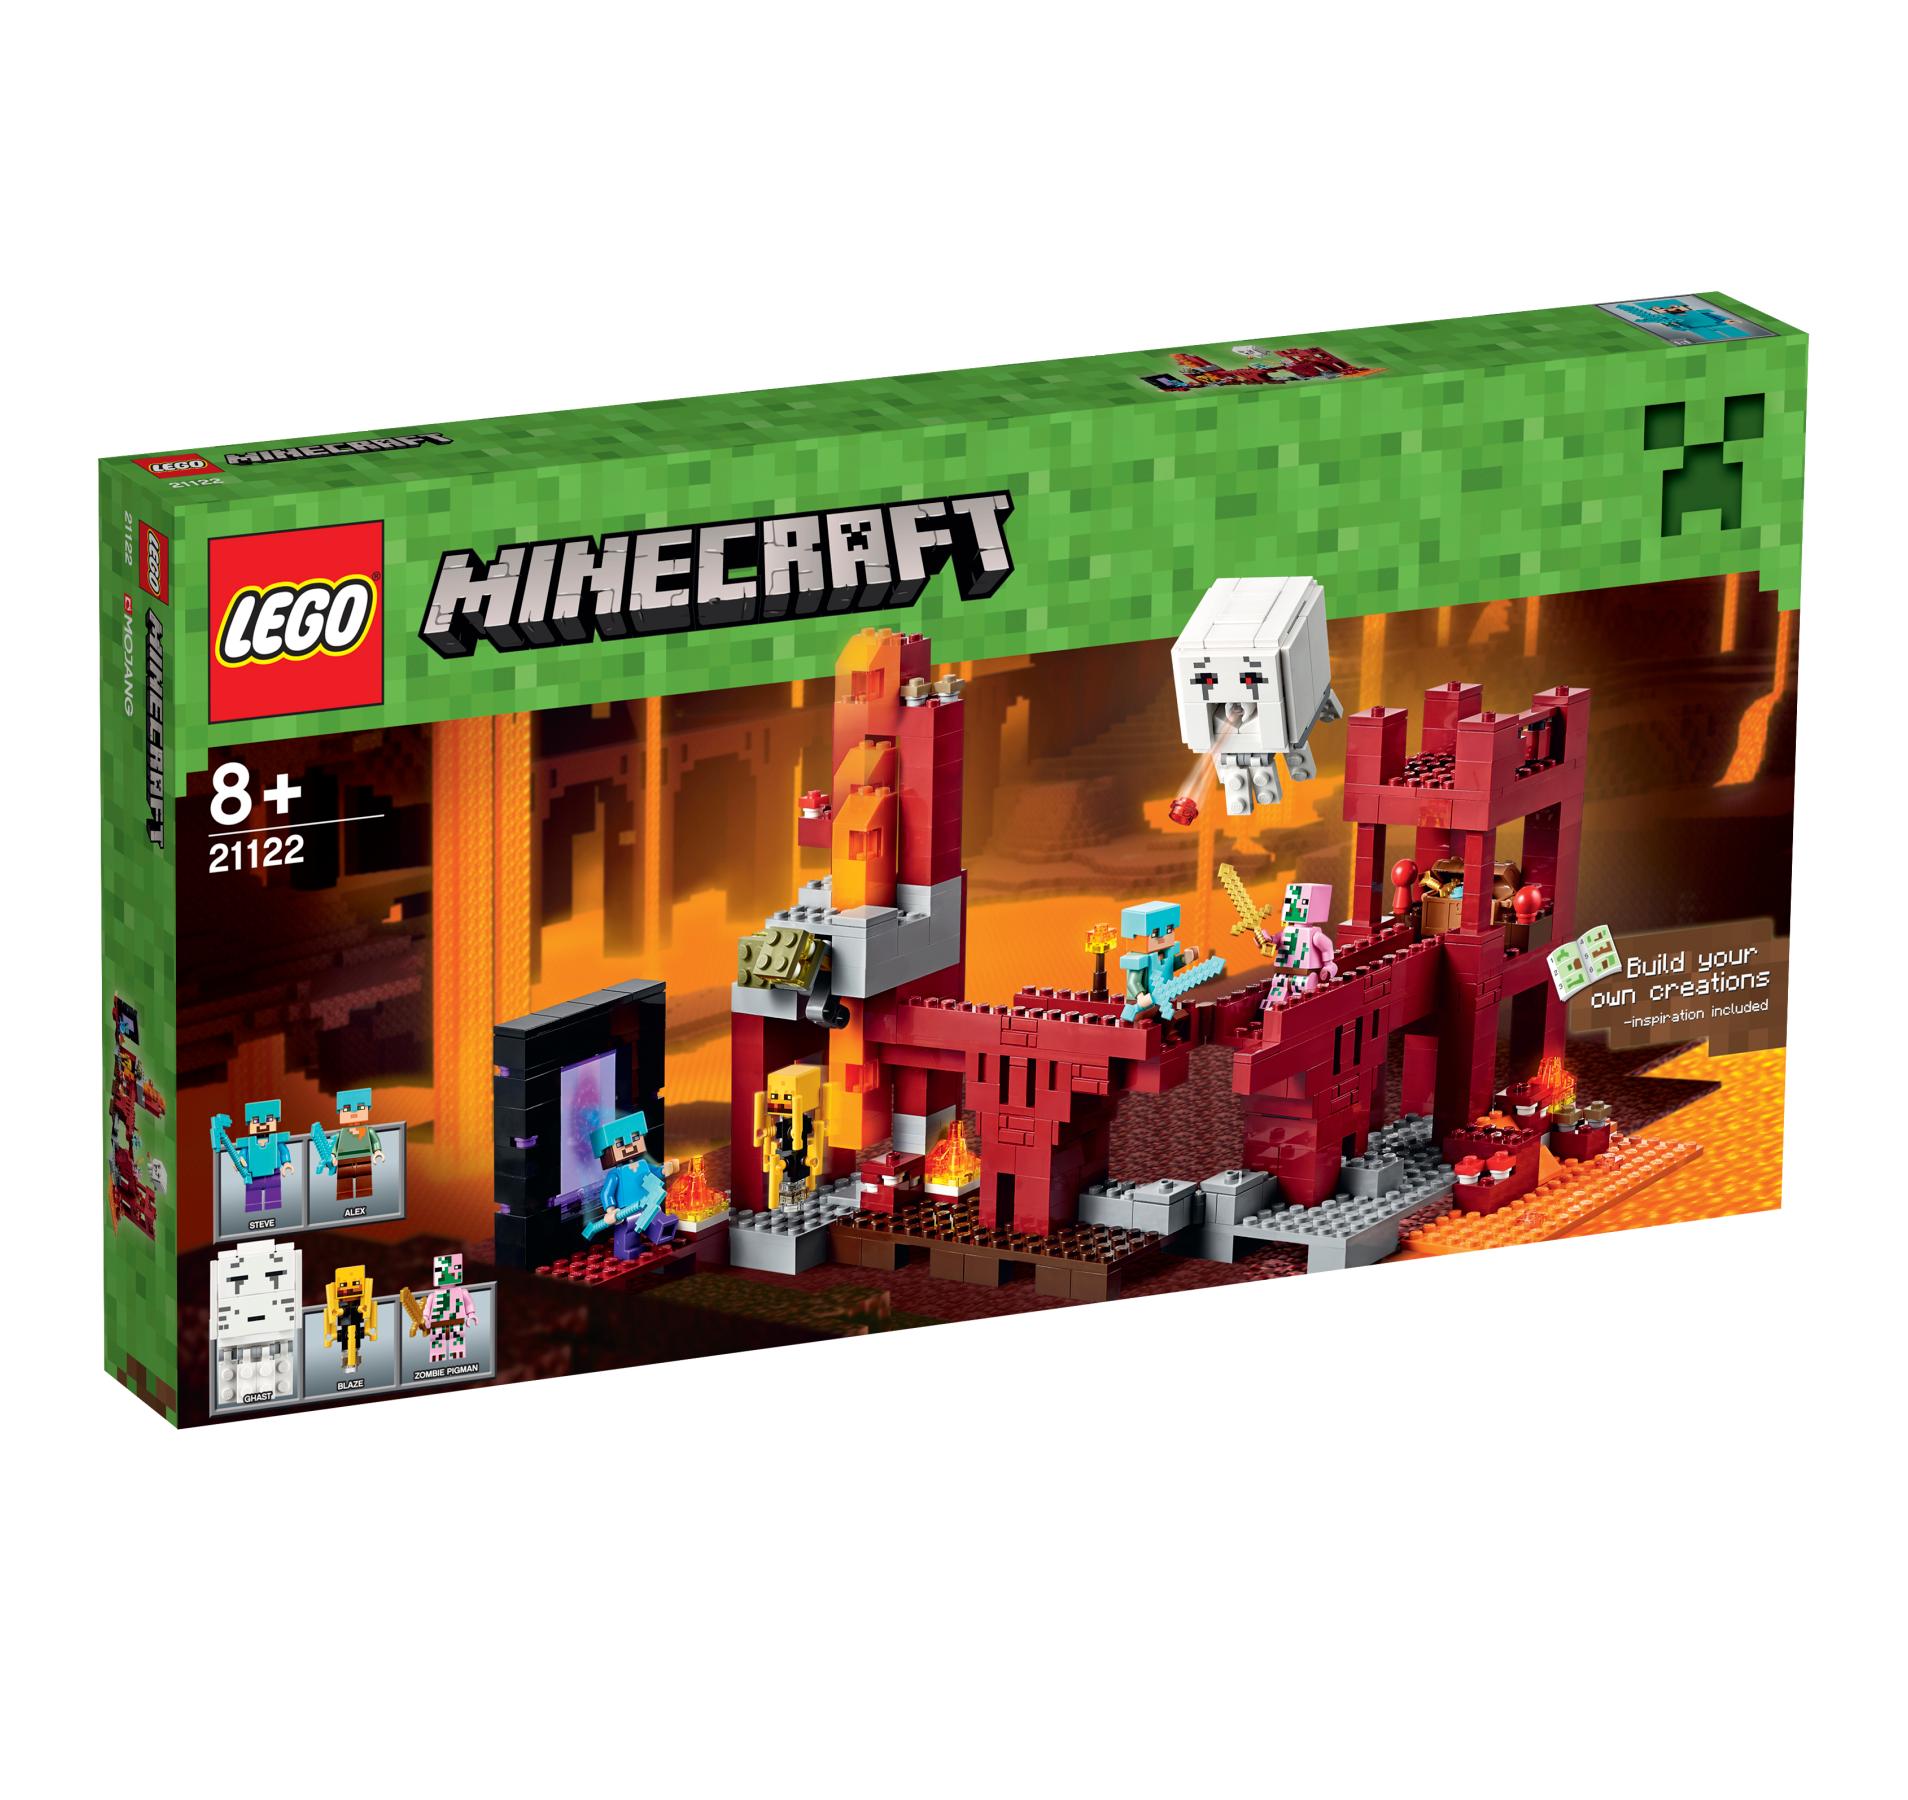 לגו מגה סטור מיינקראפט LEGO The Nether Fortress 21122